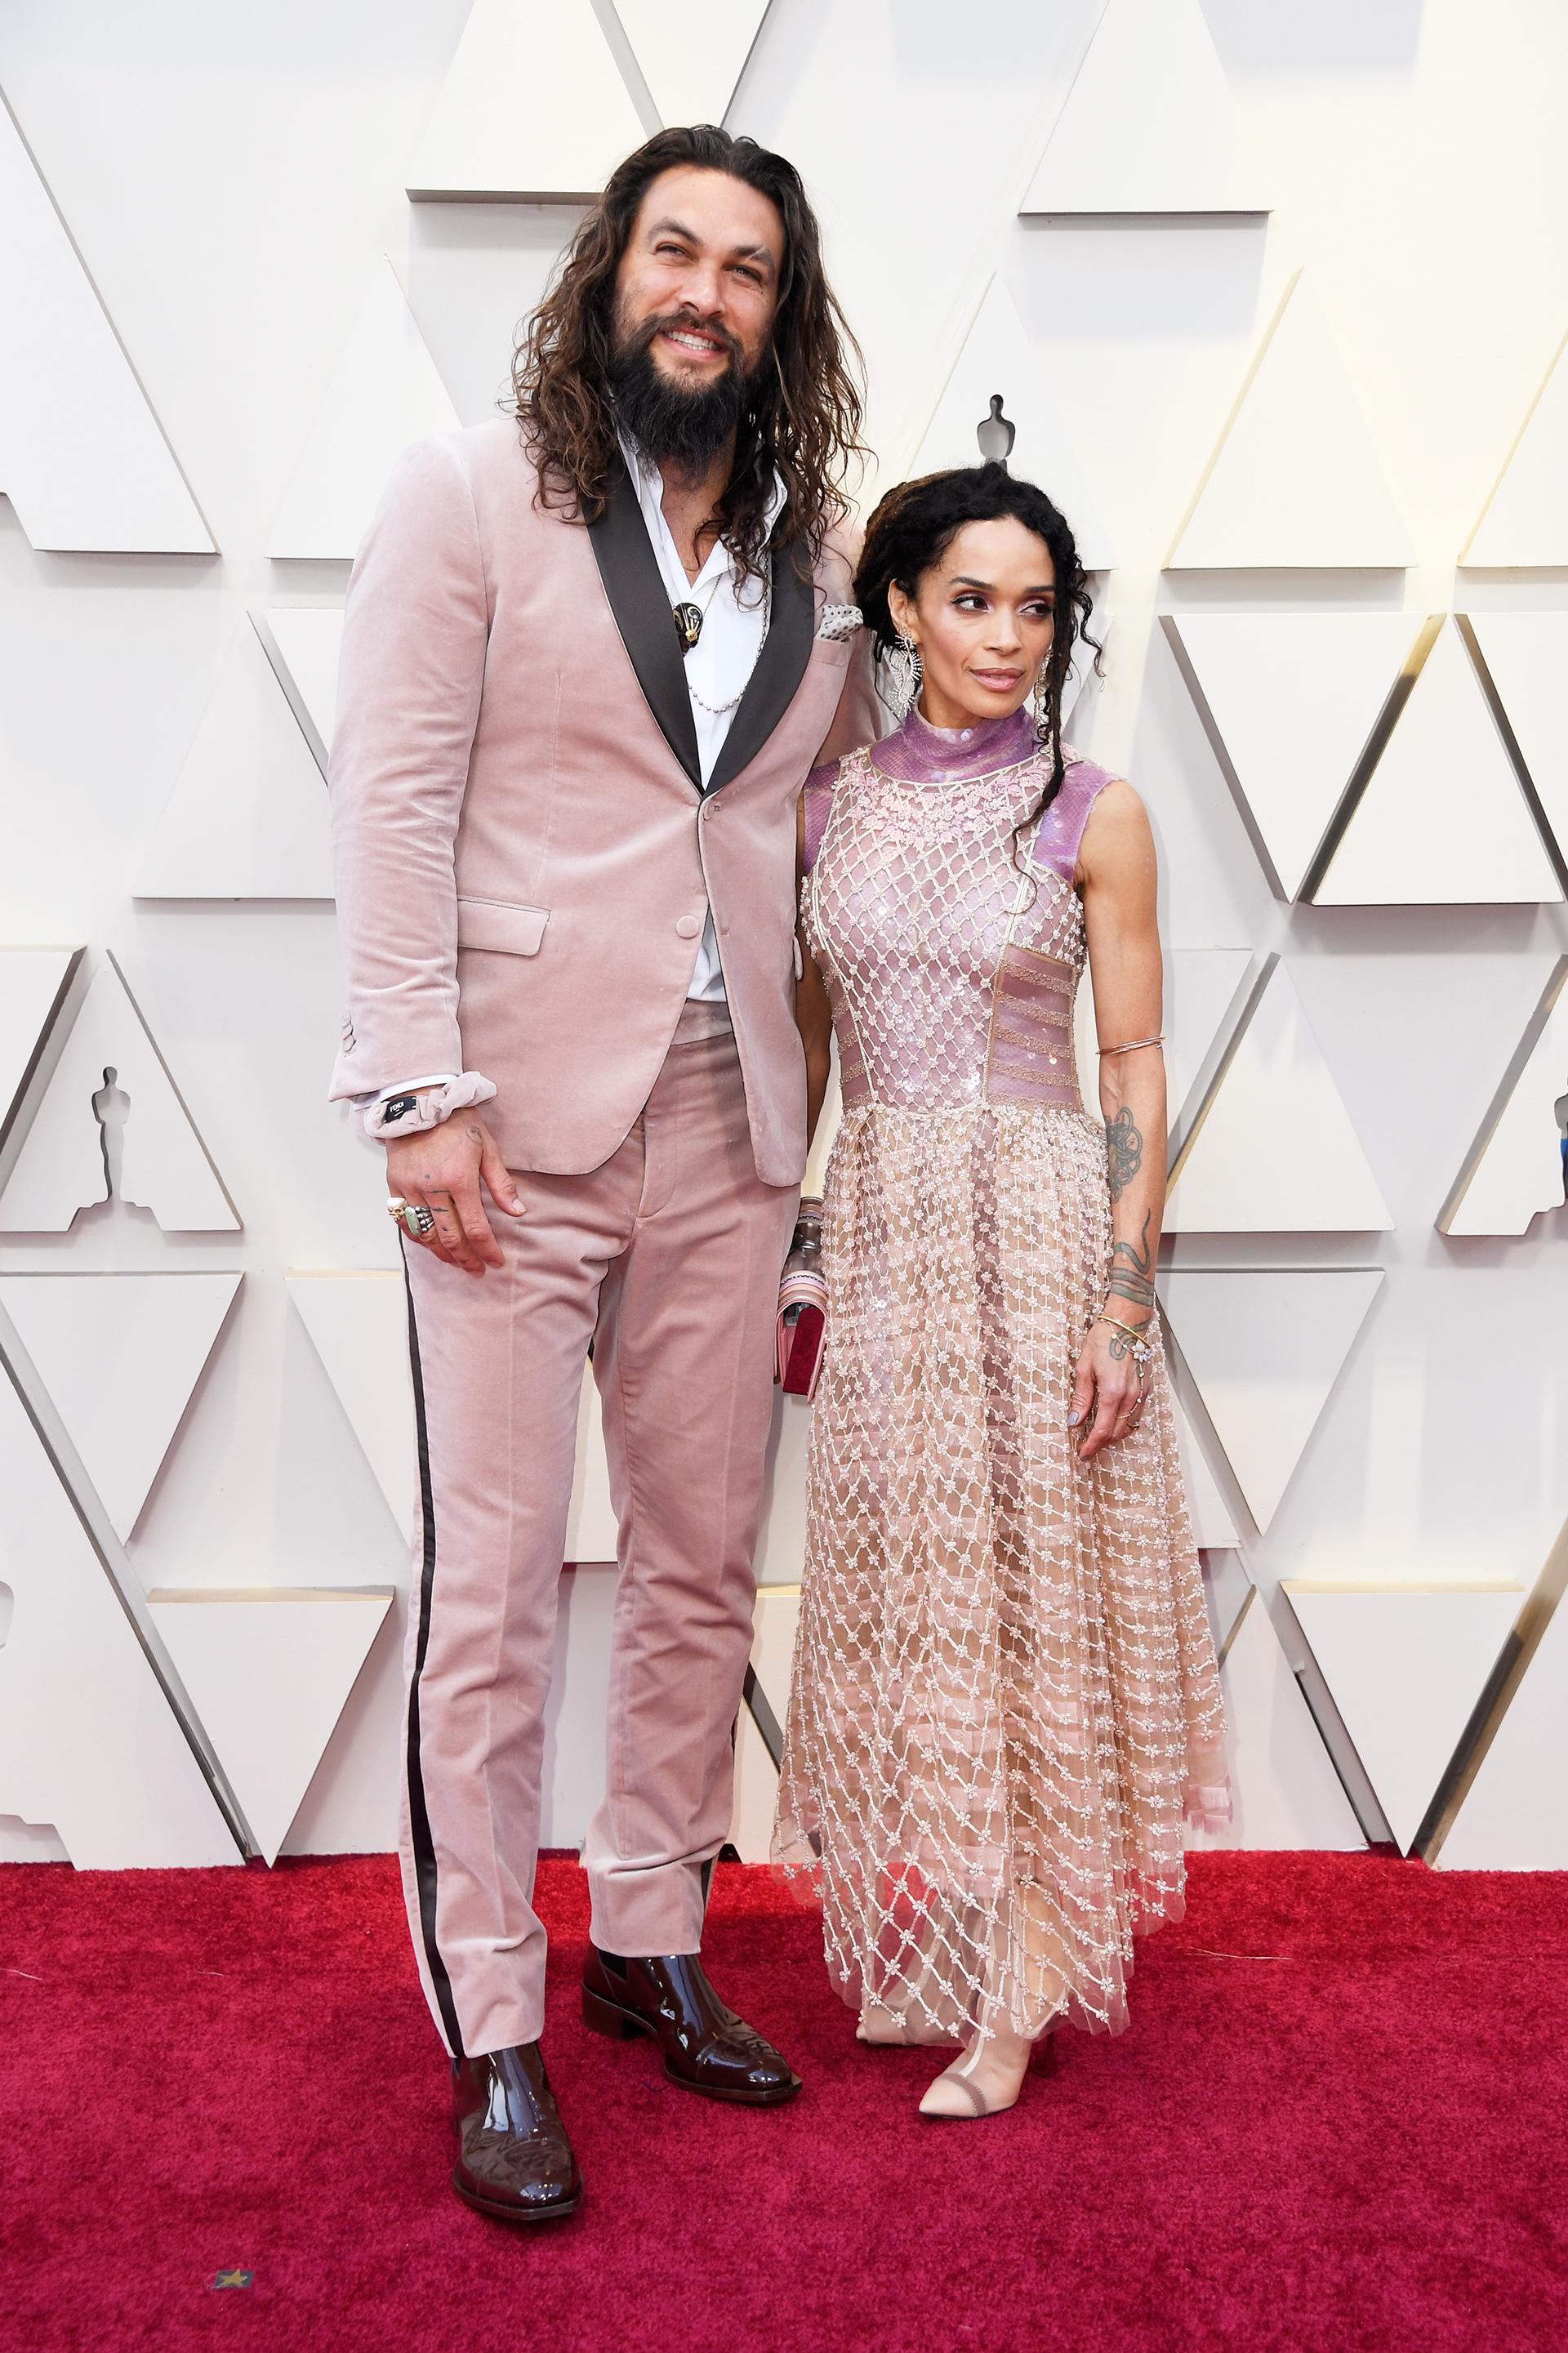 Jason Momoay Lisa Bonet son una de las parejas más sexy de Hollywood, pero esta vez no acertaron. Ambos a juego, él optó por un traje de terciopelo rosa viejo con envivados en negro, y ella por un vestido nude con red y envivados en terciopelo lila.